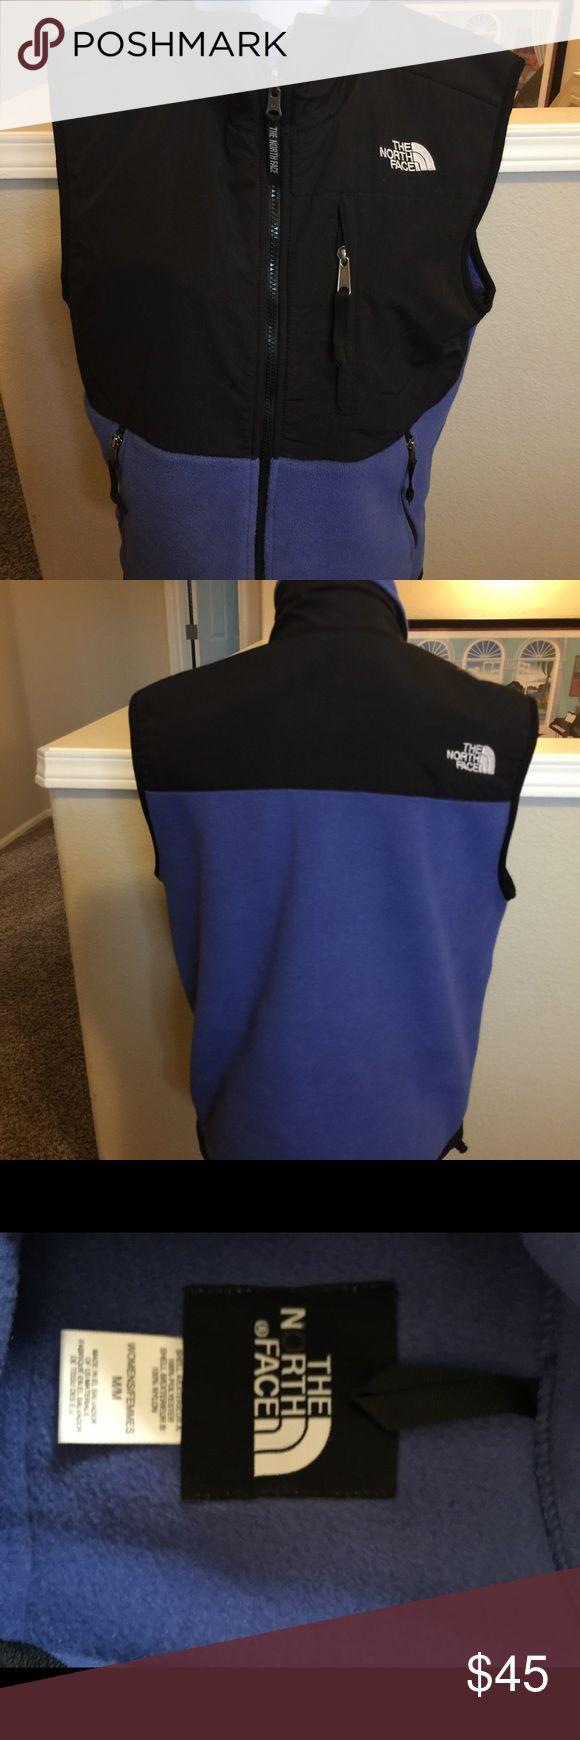 North Face Denali vest jacket M Blue/black Denali vest north Face  Size M Jackets & Coats Vests